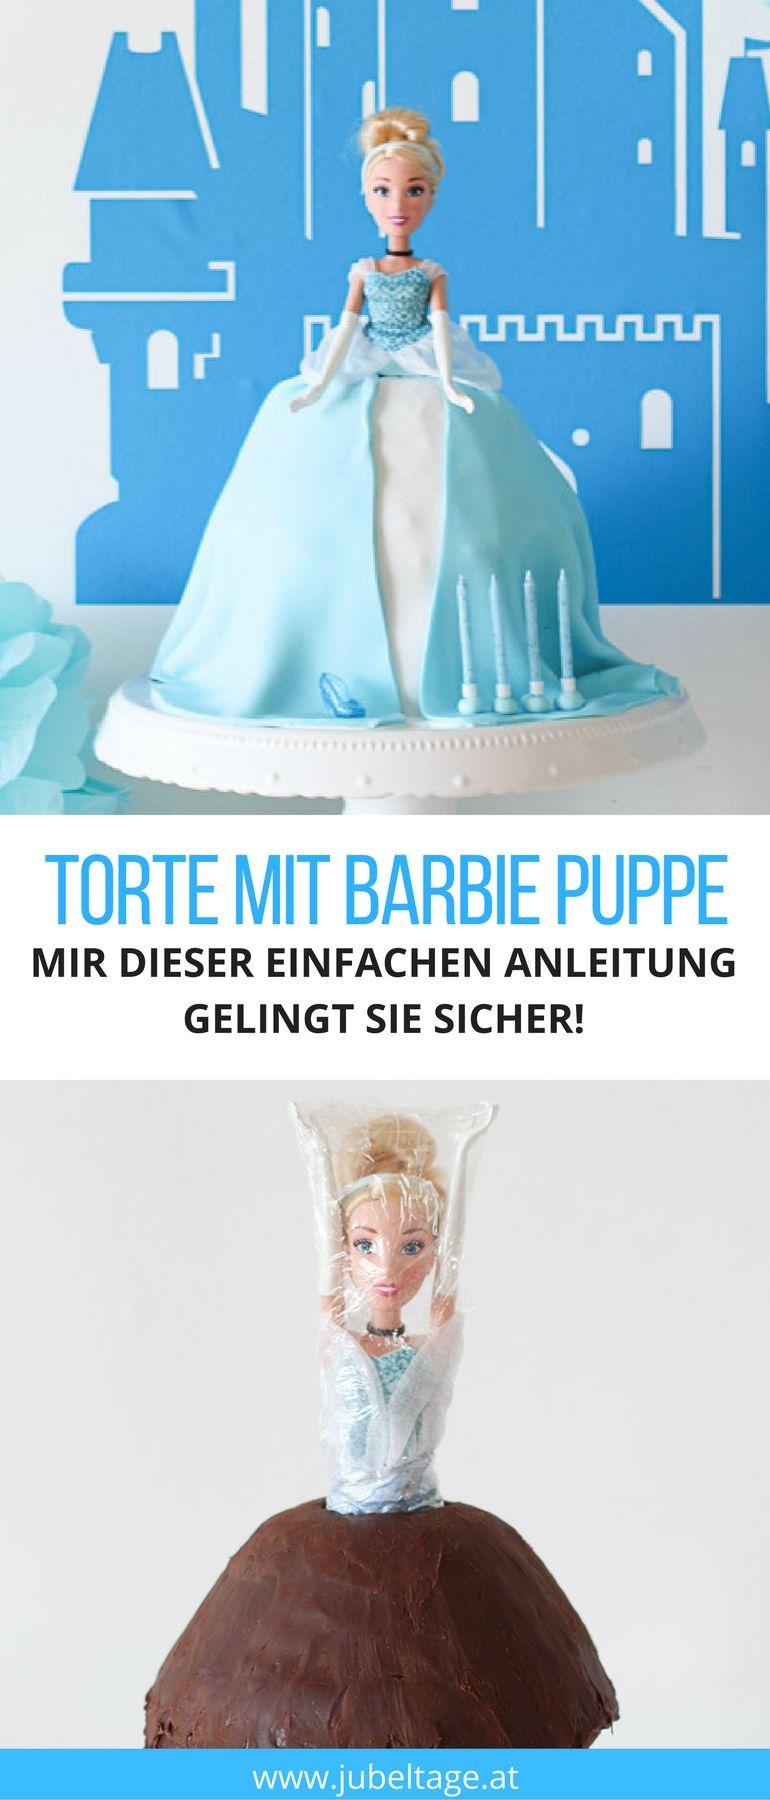 Einfache Anleitung für eine schnelle Torte mit Barbie Puppe zum Geburtstag #barbie